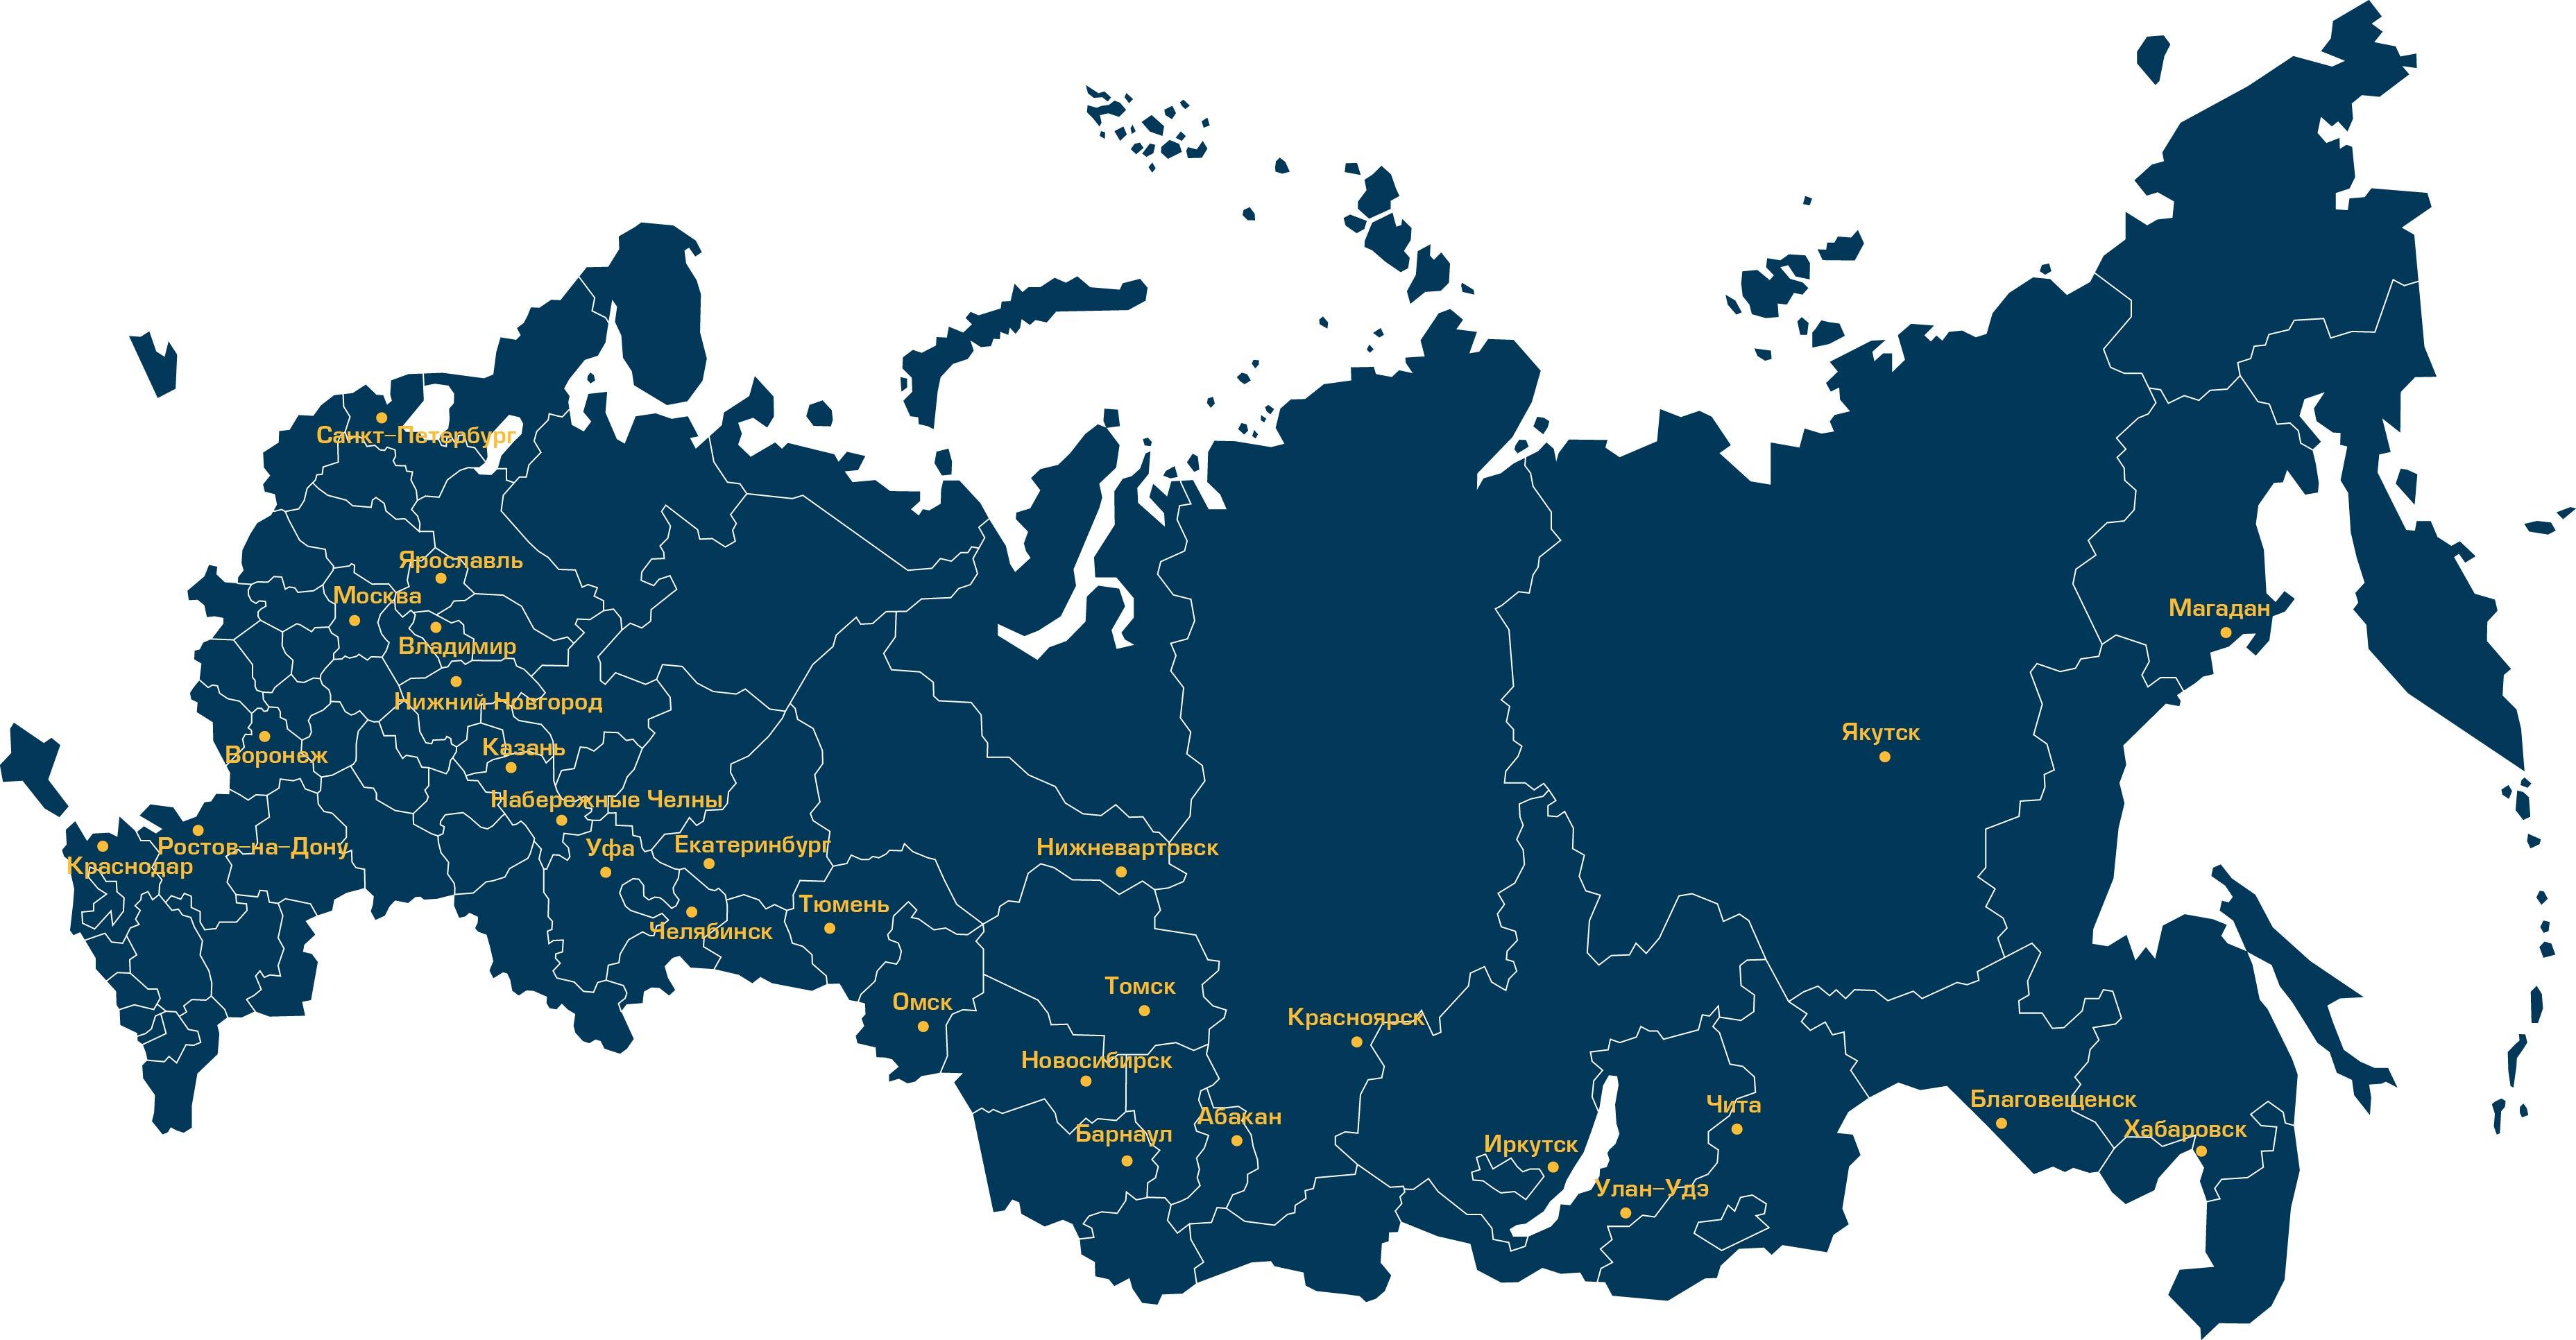 Карта рф с городами картинки